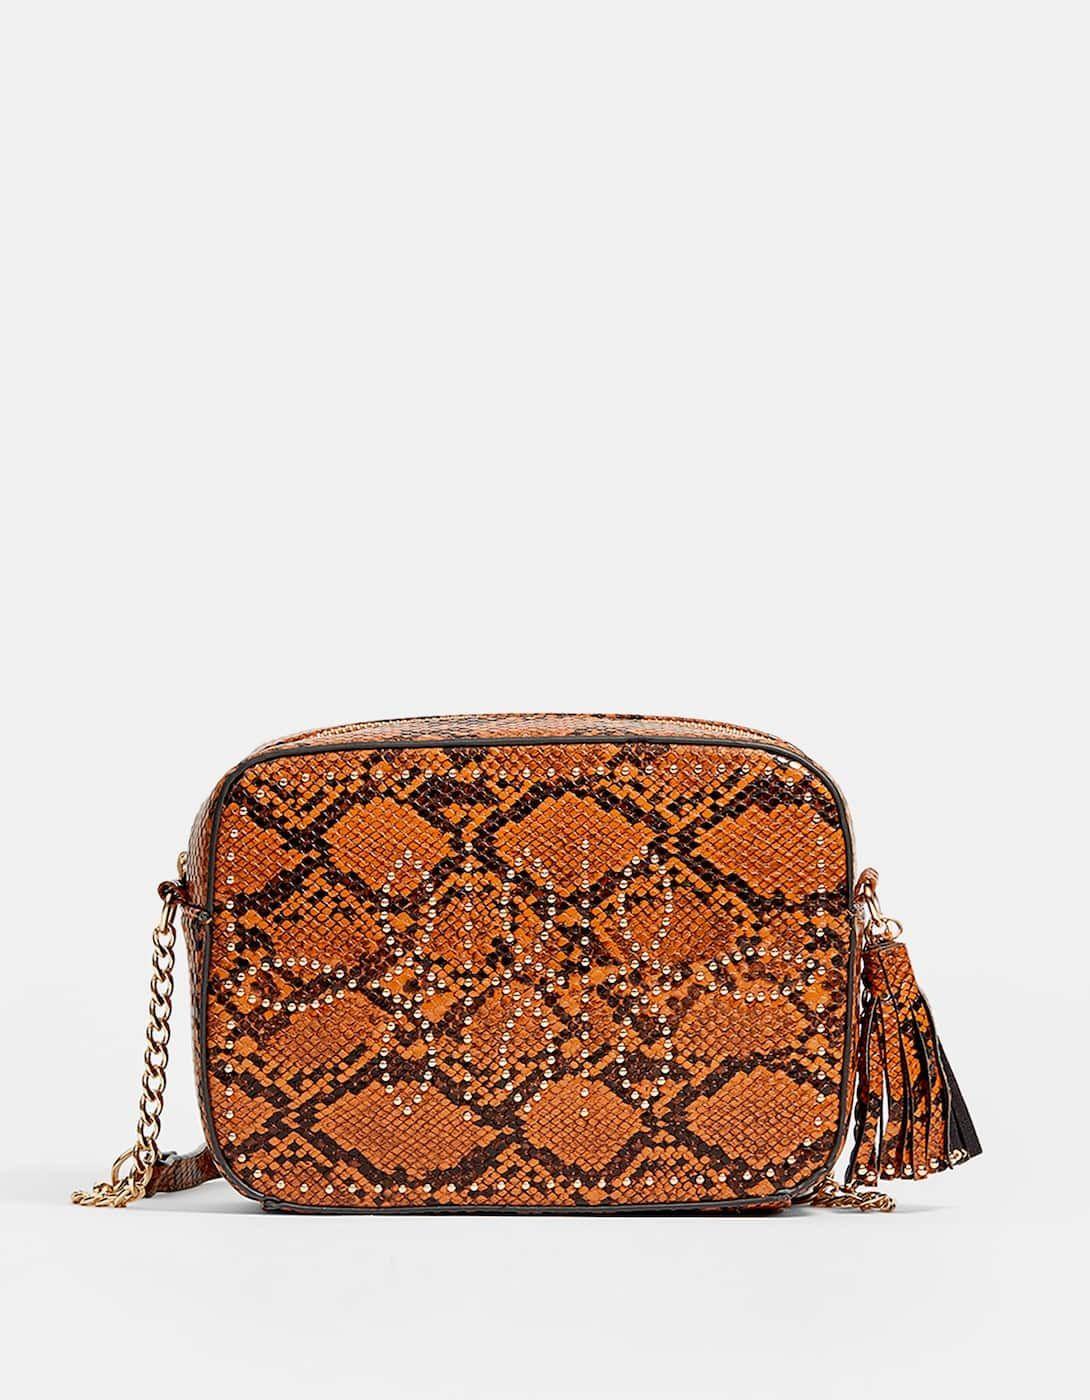 227c2034e213d Zımbalı çapraz askılı çanta - Çanta - Sırt Çantası | Stradivarius Türkiye